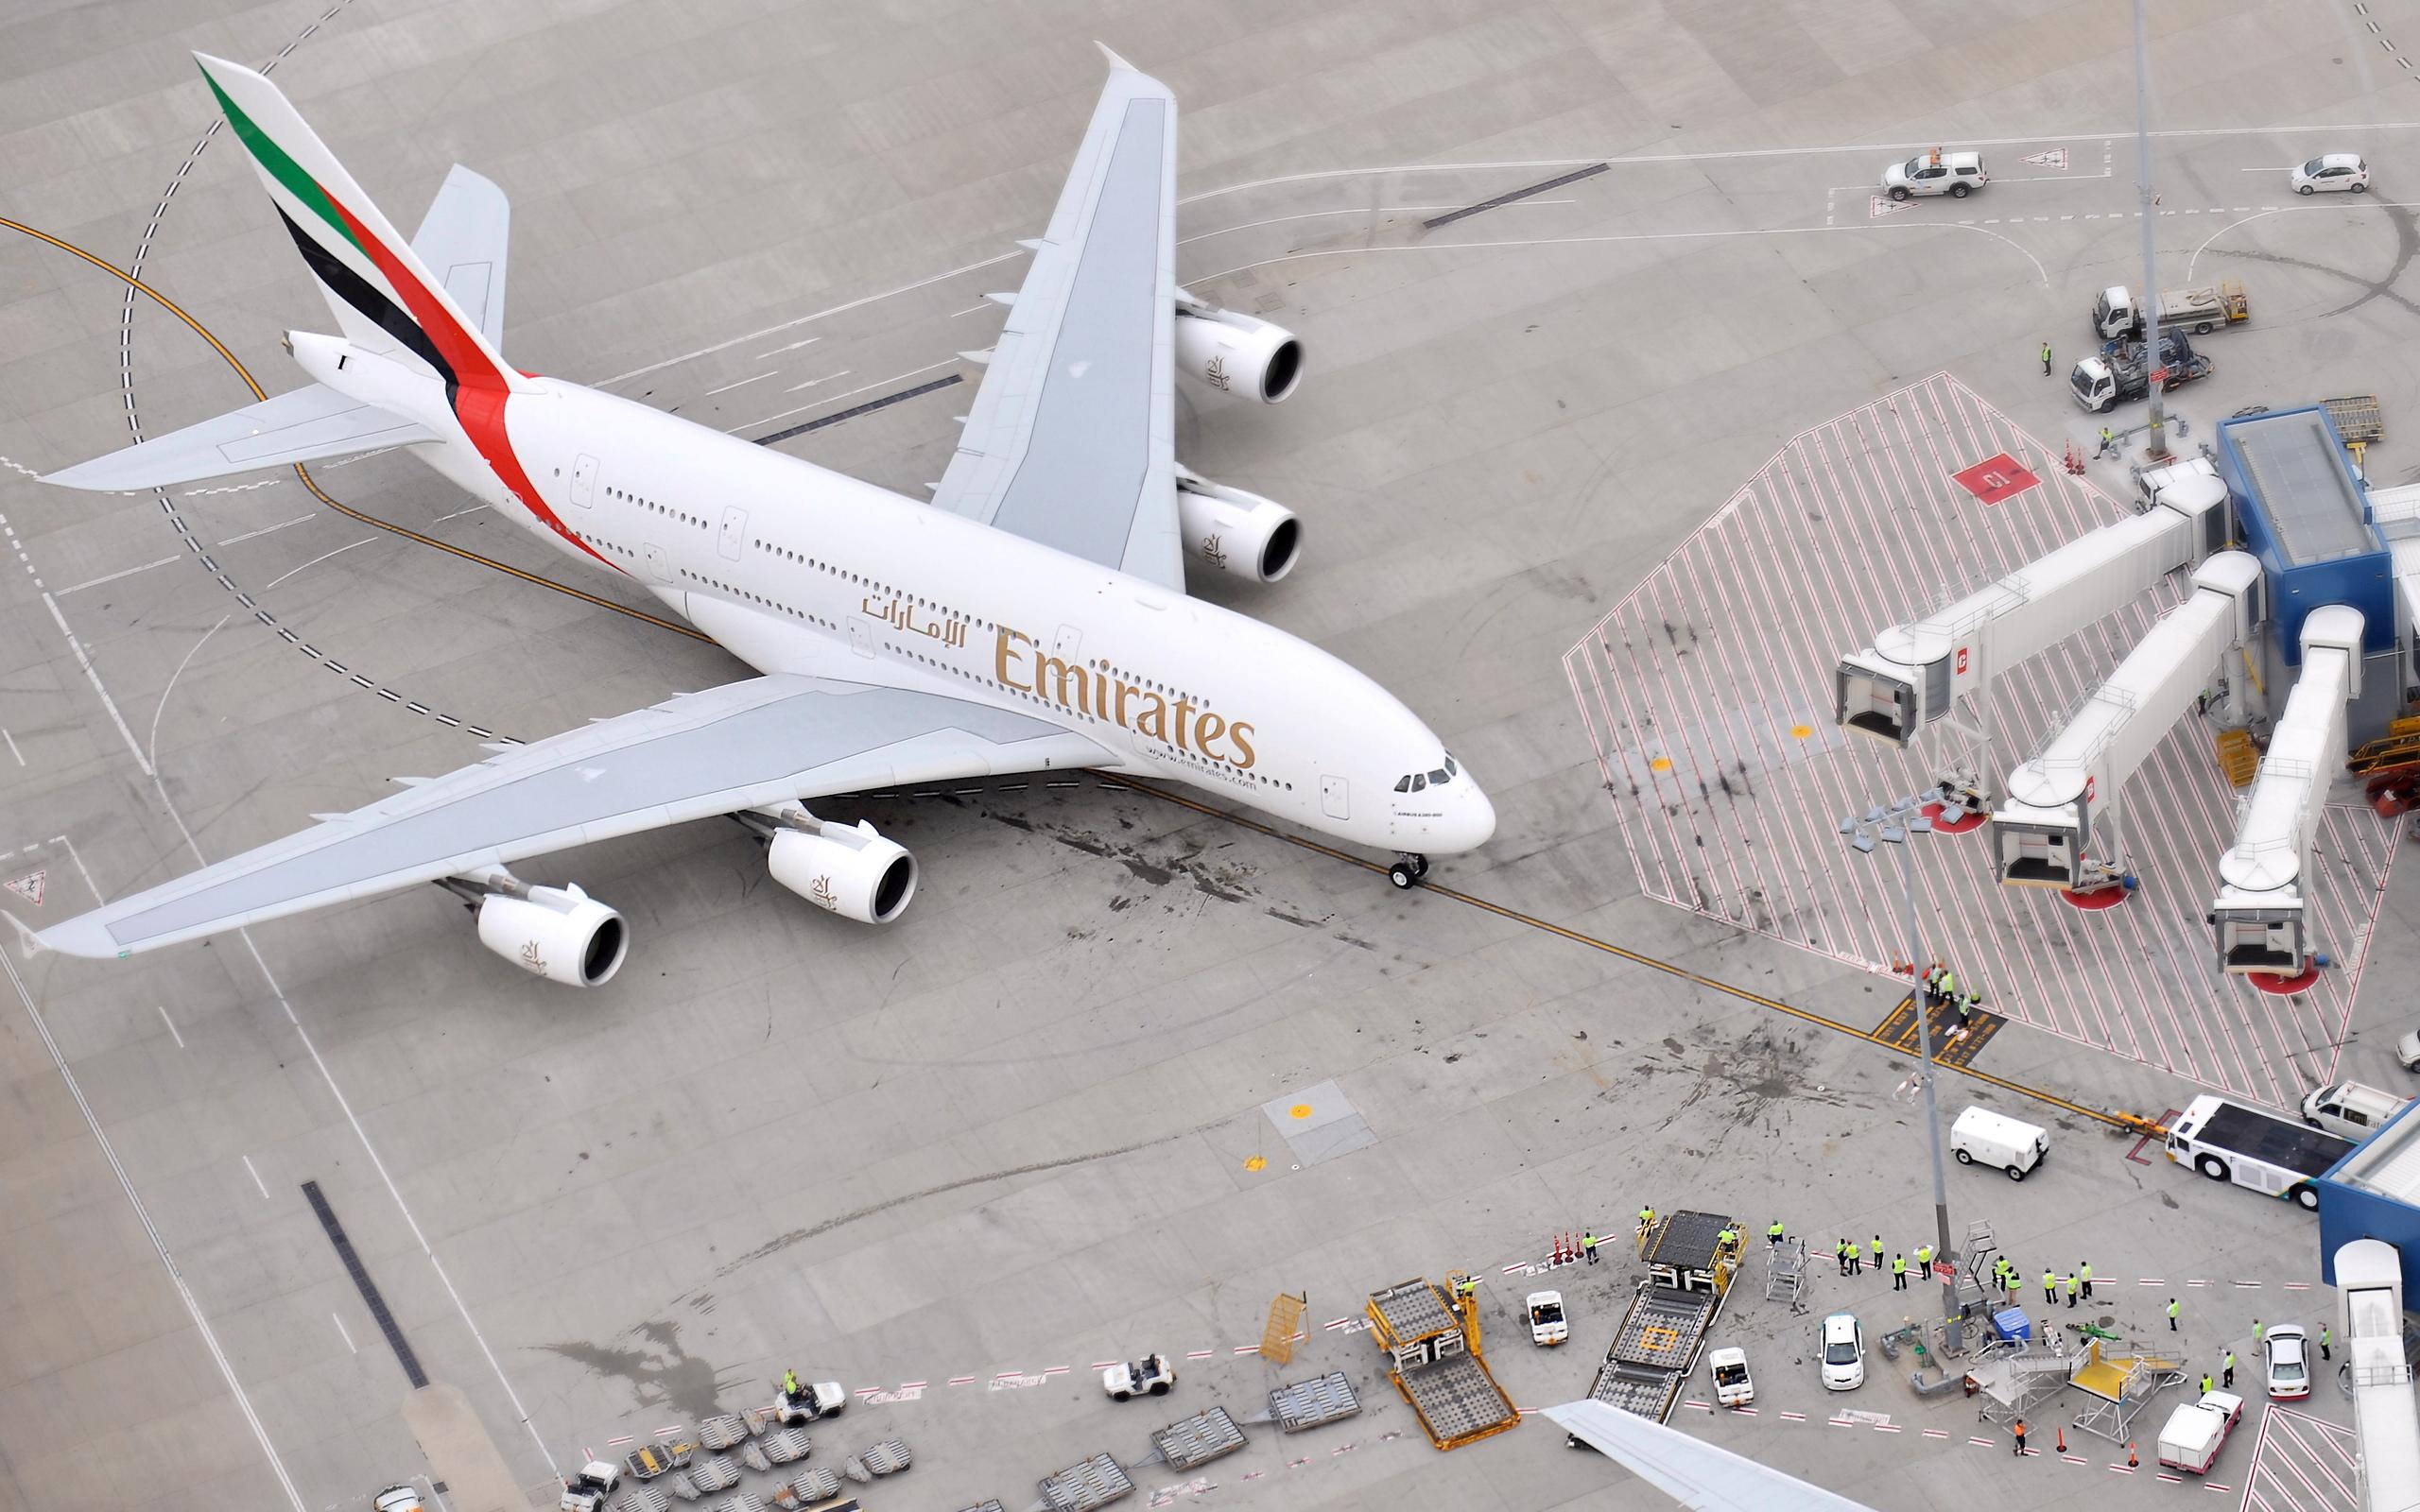 аэропорт, пассажирский, самолет